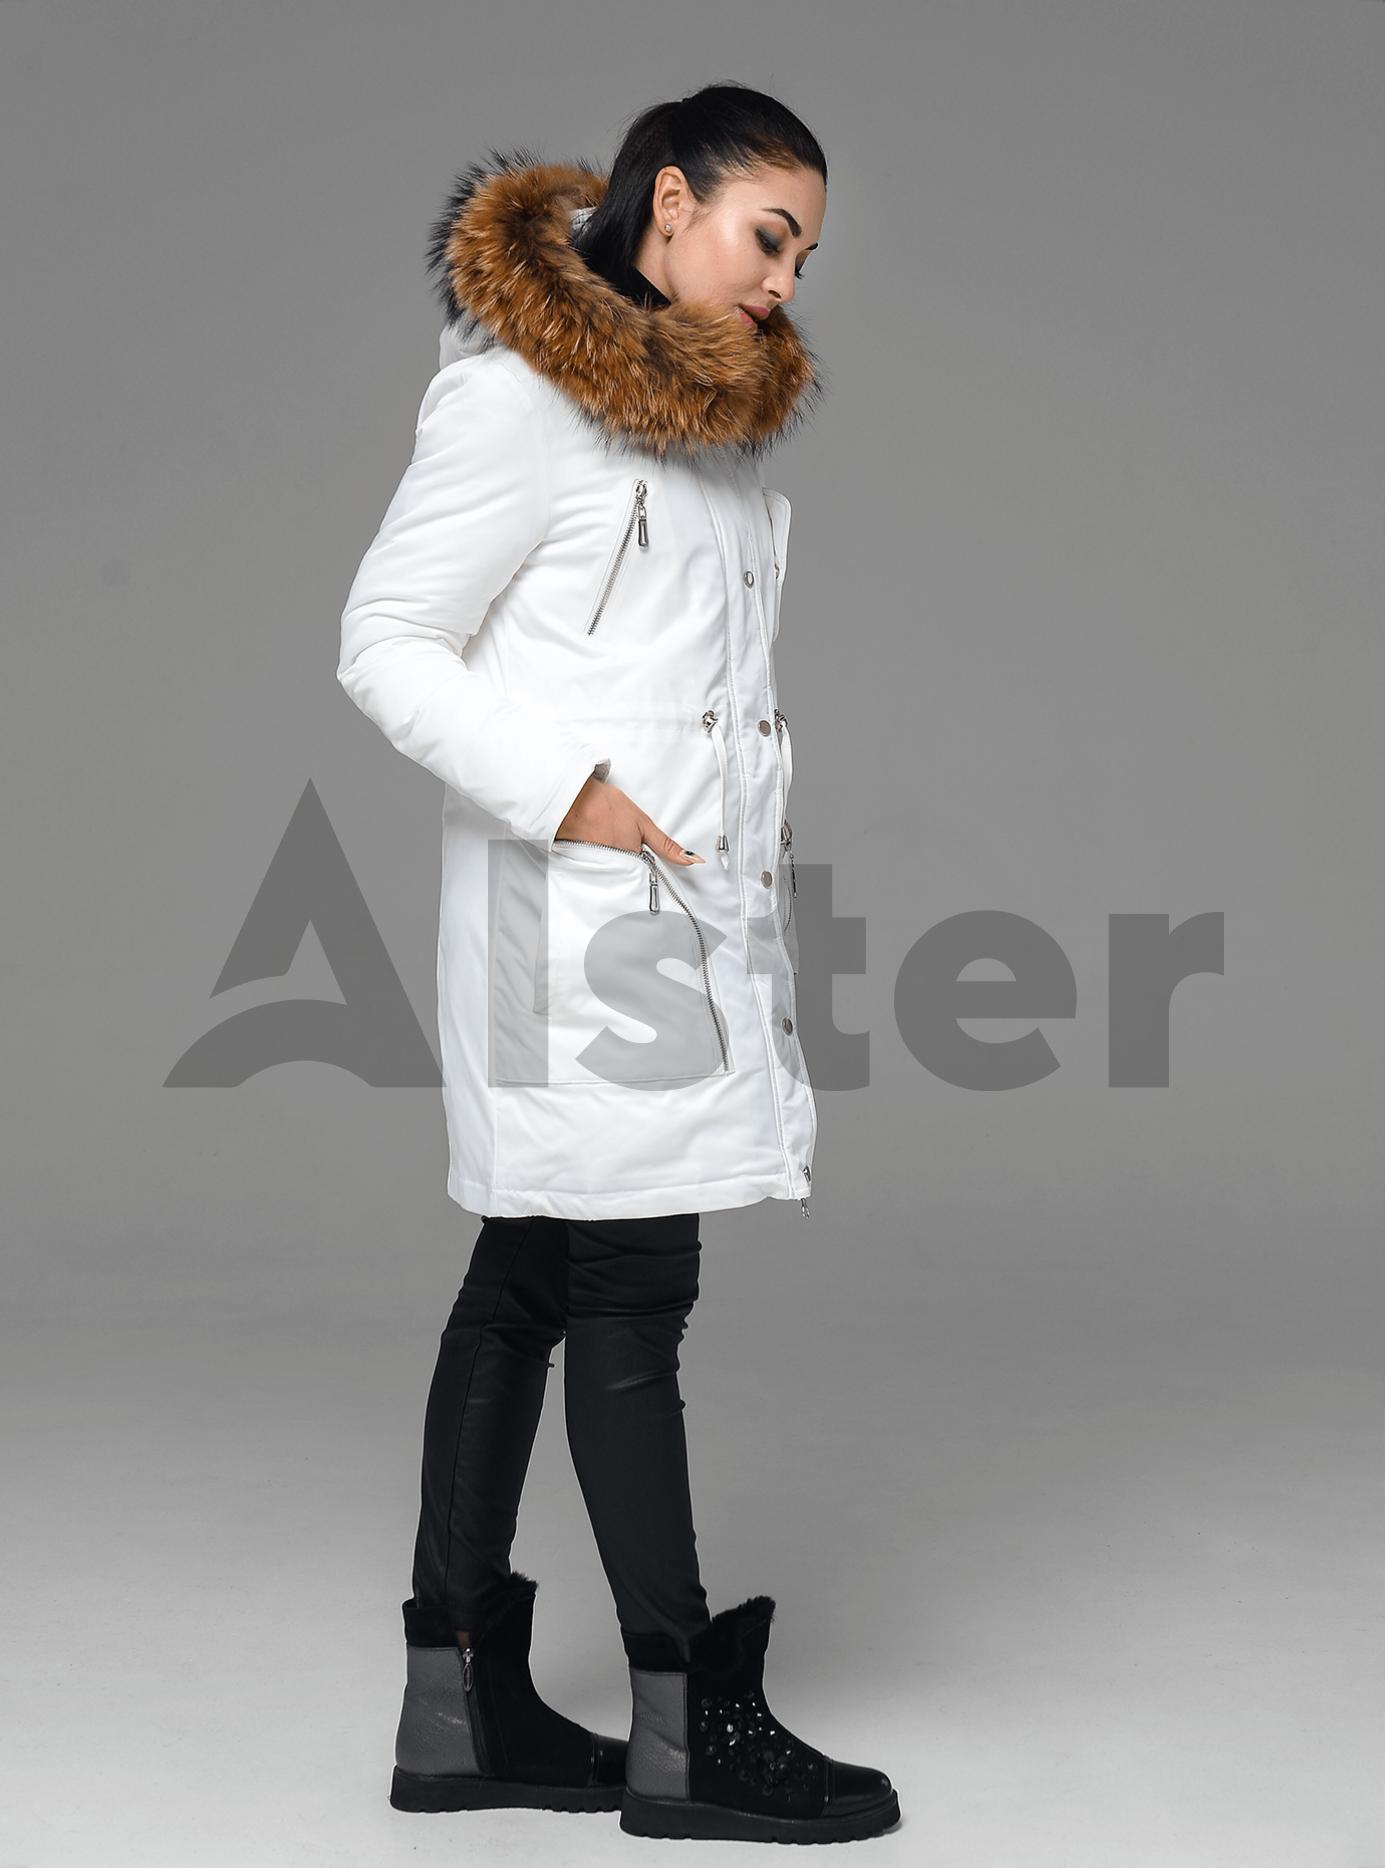 Куртка зимняя с отделкой из меха енота Белый S (05-ZL2198): фото - Alster.ua